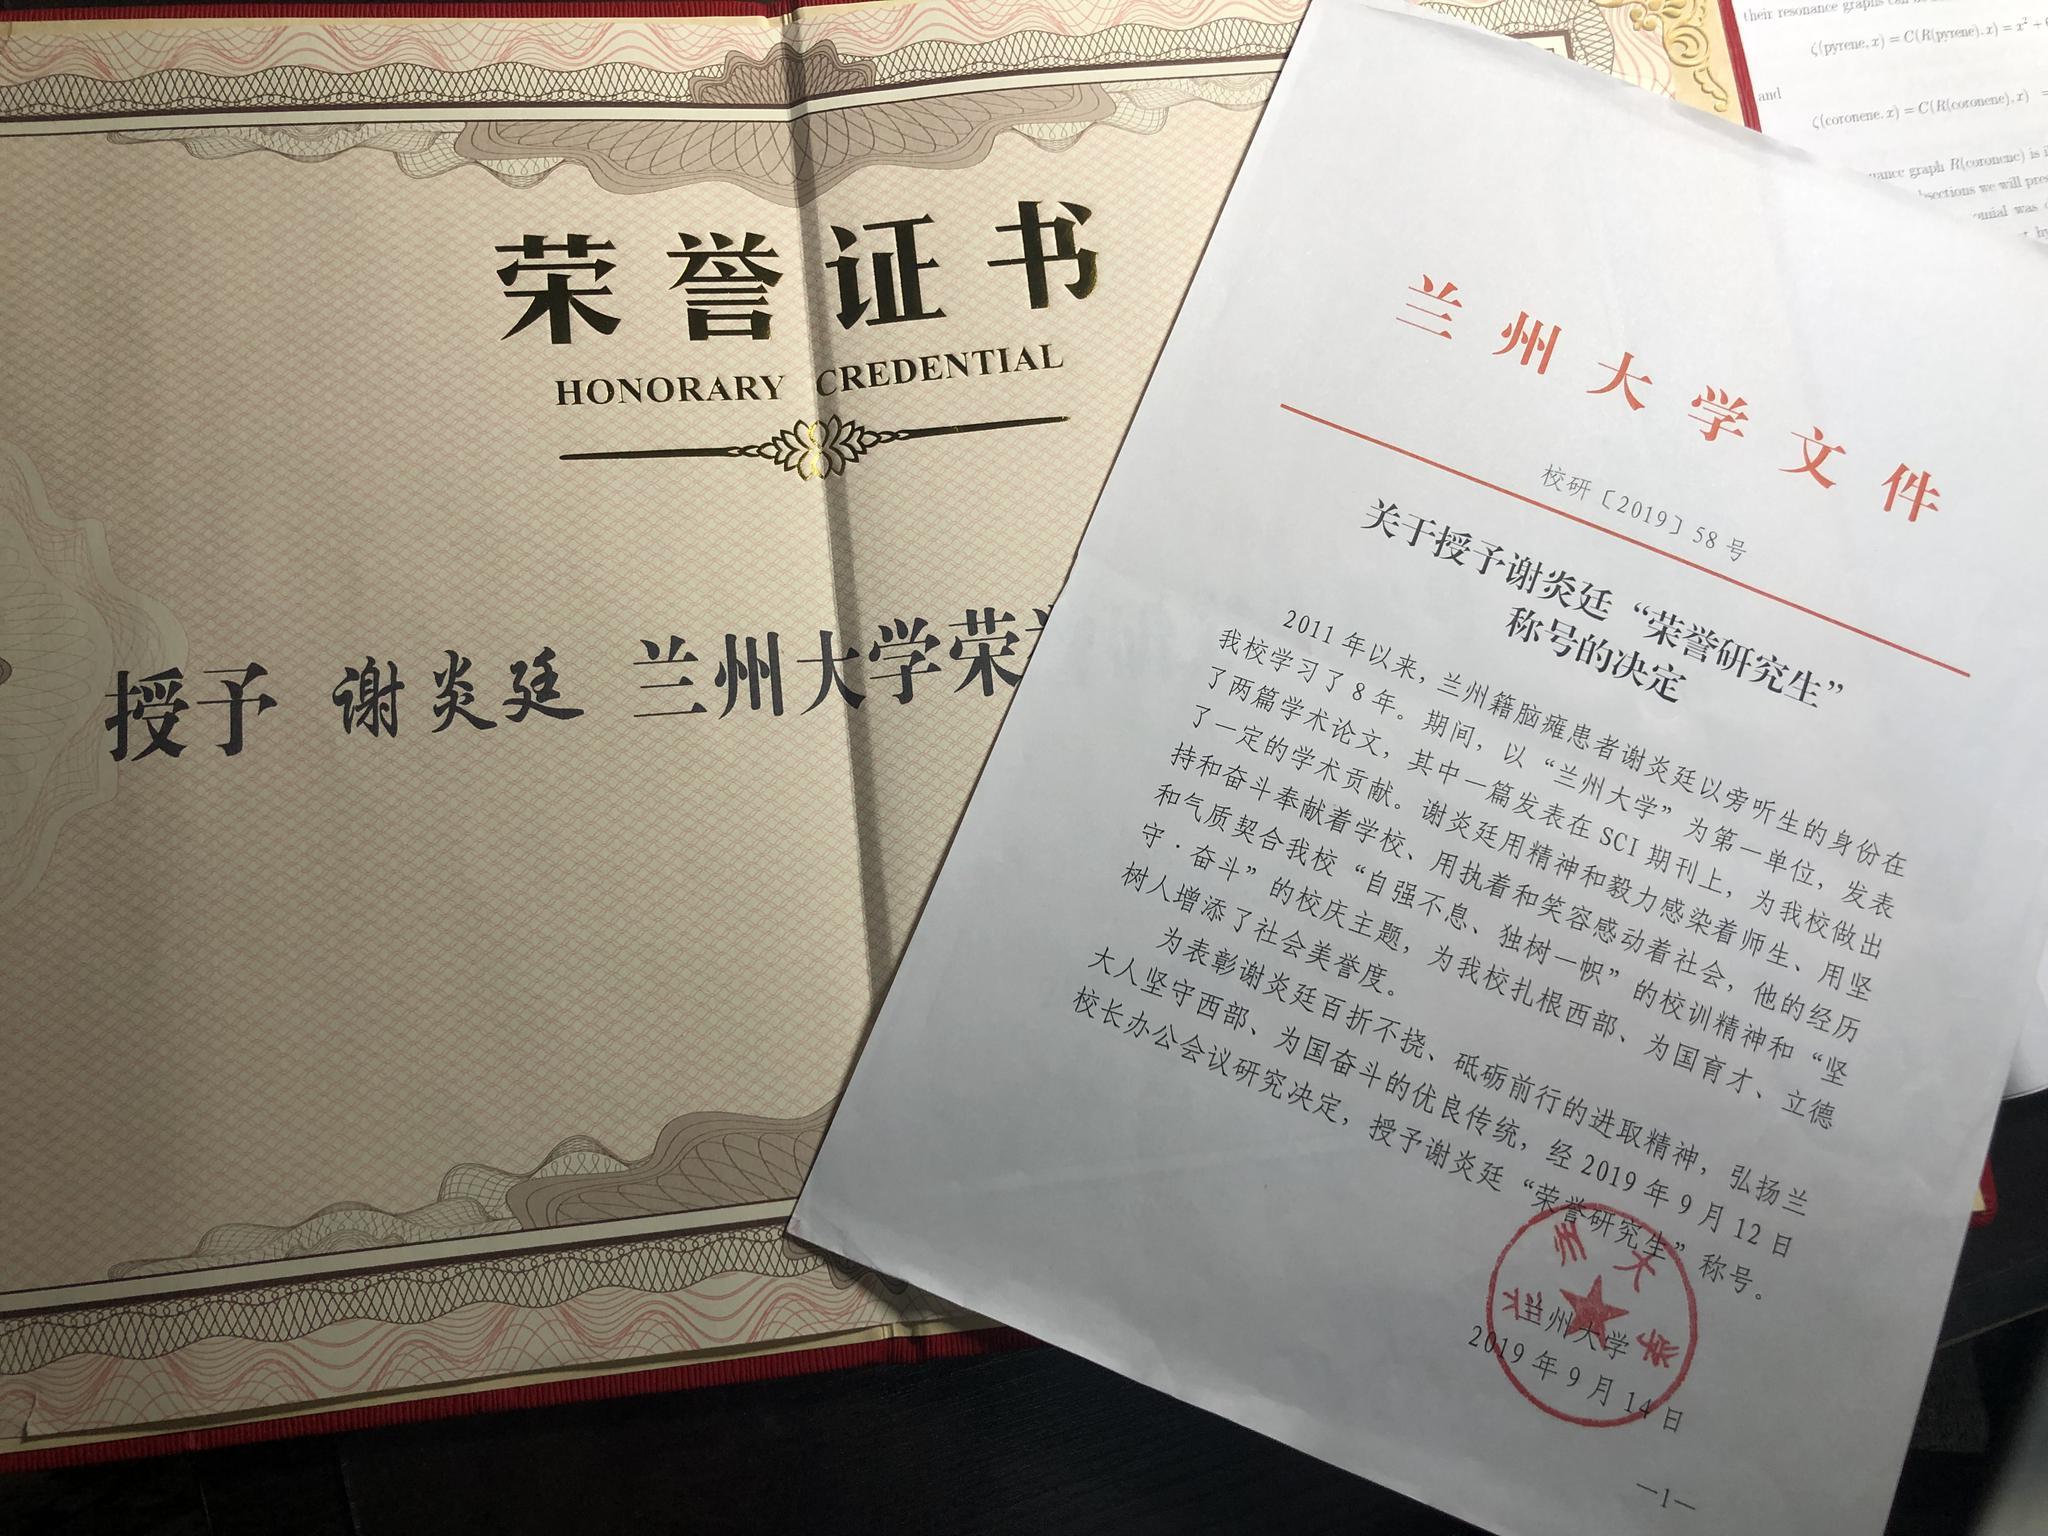 """兰州大学授予谢炎廷""""荣誉研究生""""的文件和奖状。新京报记者王瑞锋 摄"""